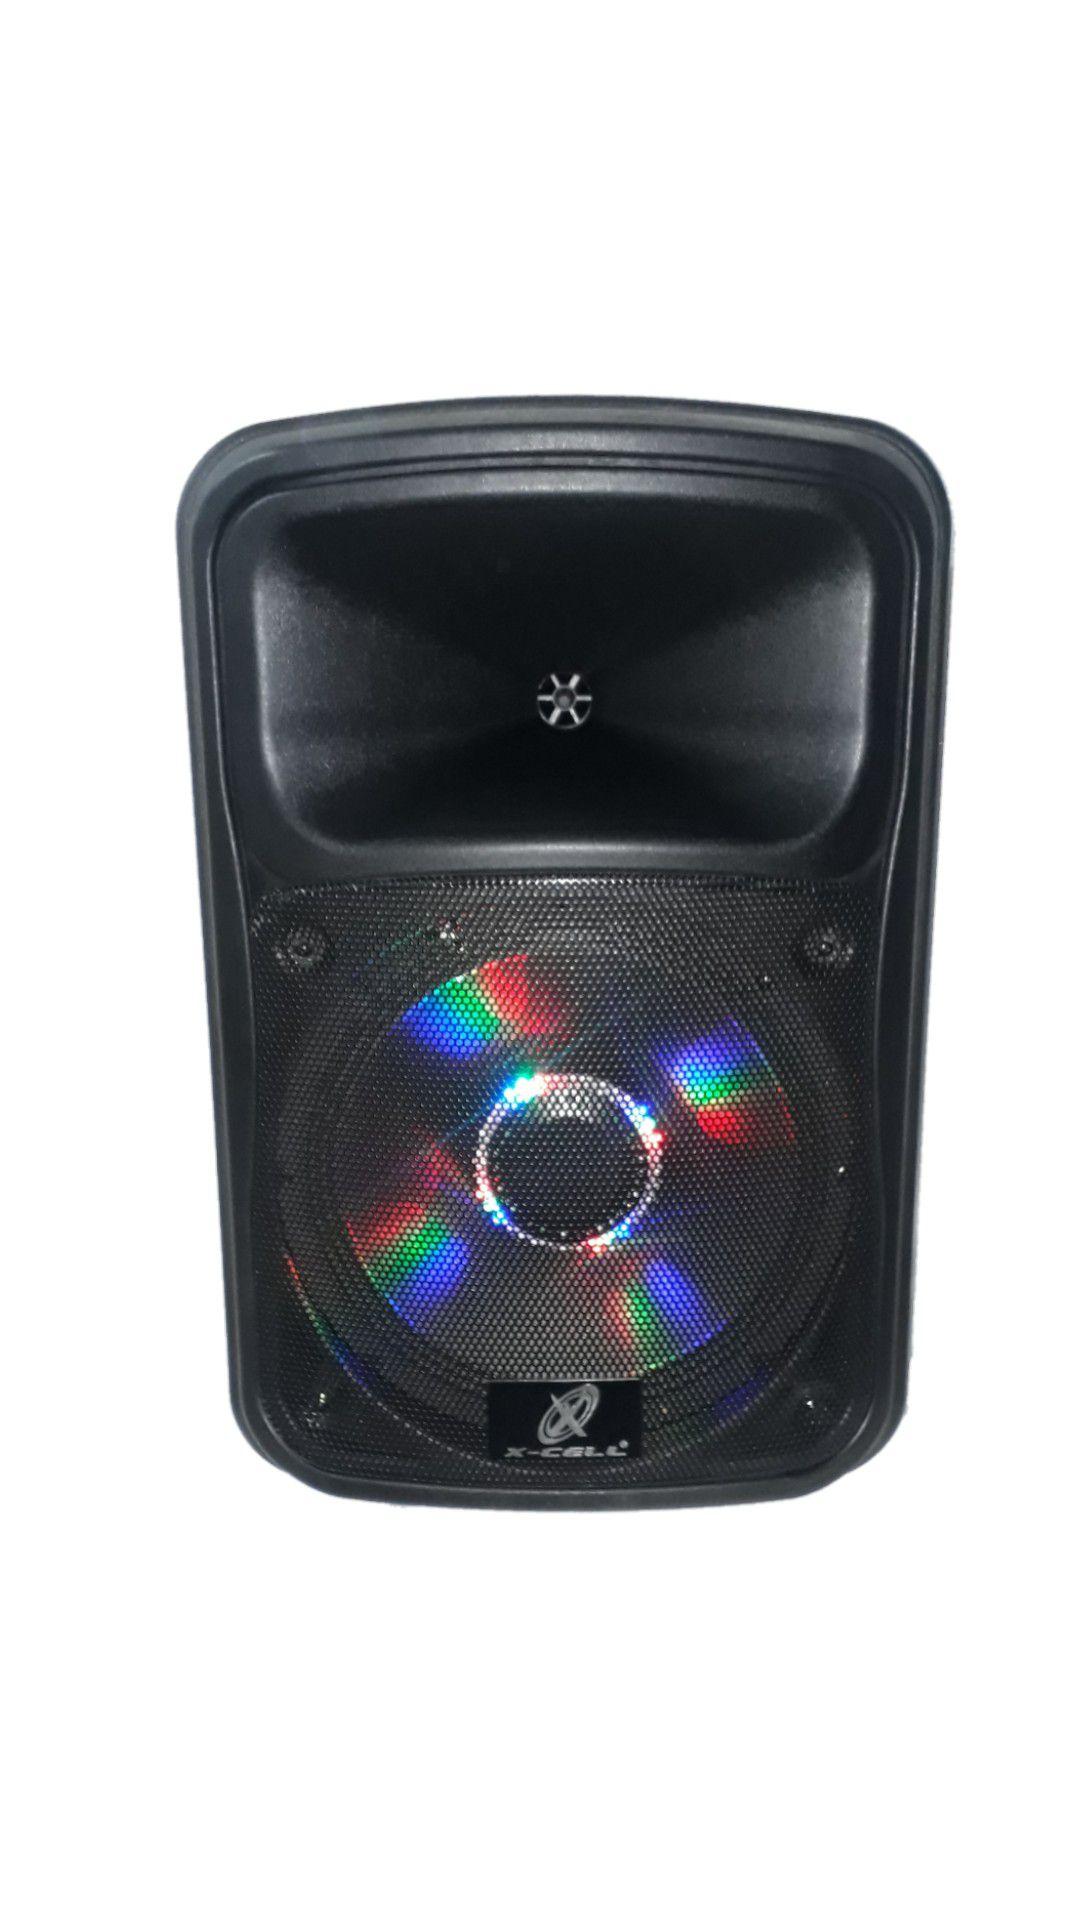 Caixa Amplificada Audmax Xck6-12 632 Blue.usb/sd/fm,2mic.s/fio Fal12 Bat12v Roda Ativa C/cont.rem.420w Ref